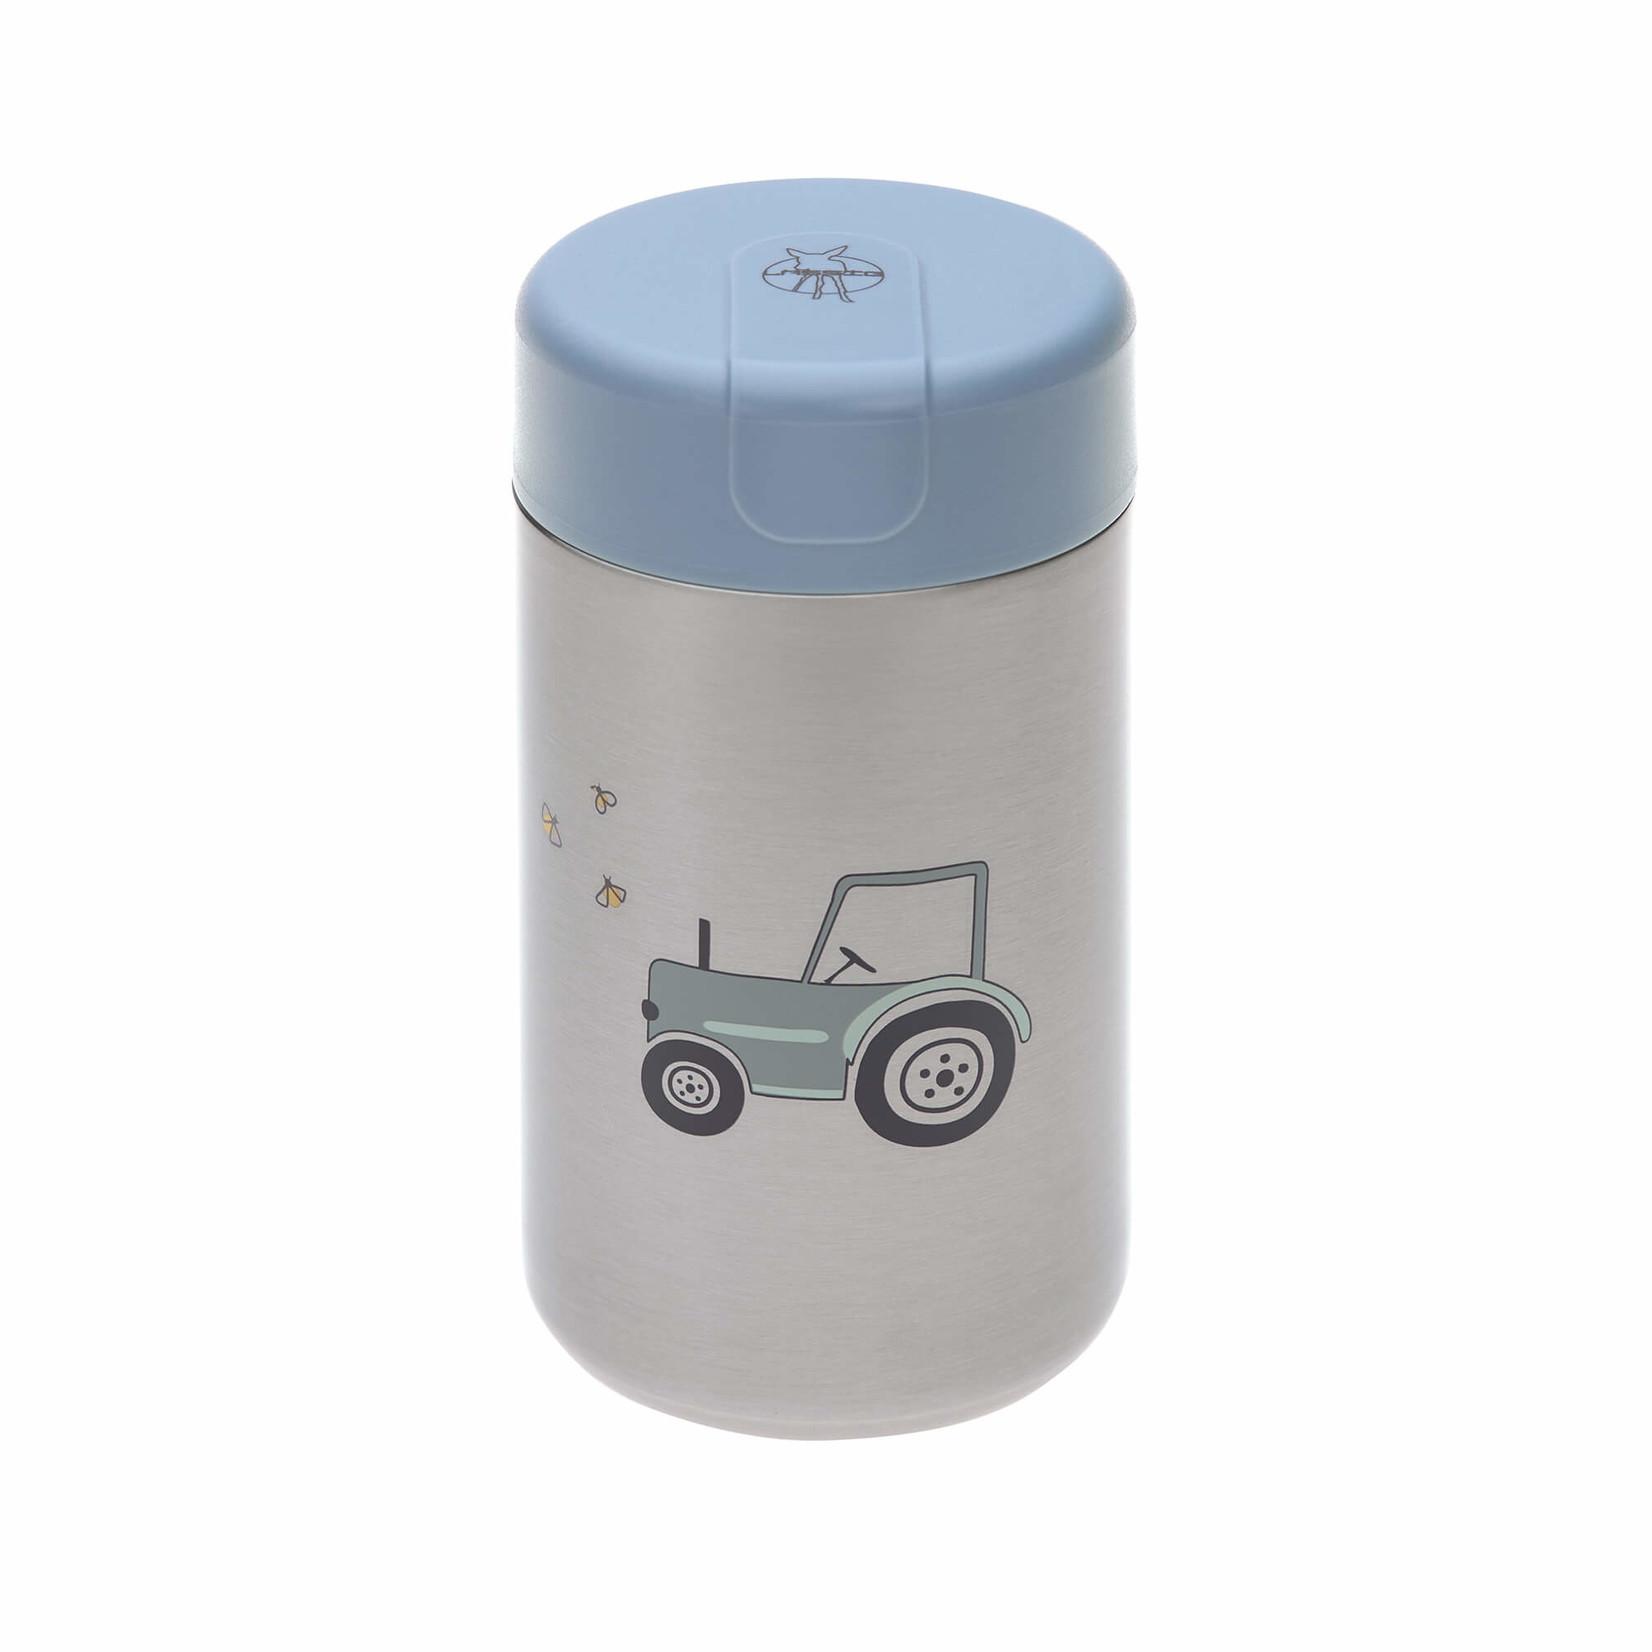 Lässig Fashion Edelstahl Essensbox für Babynahrung   480 ml   Abenteuertraktor